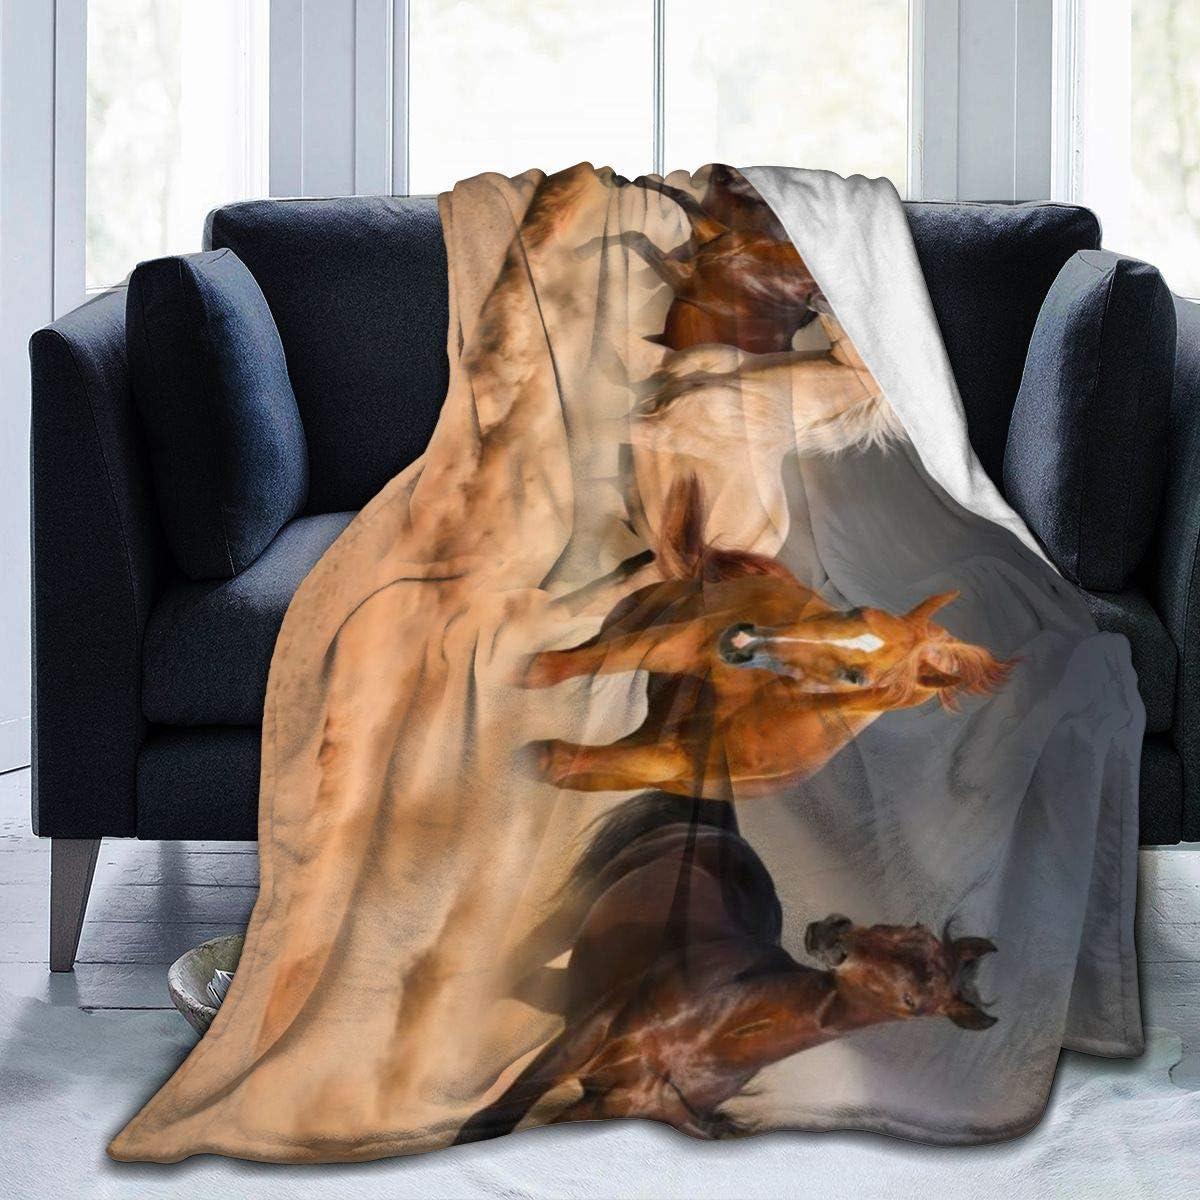 Annays Throw Blanket Manta De Tiro Súper Suave De Caballo para Correr, Cómoda Y Ligera, 102X127Cm, Manta De Lana Cálida, Cama para Sala De Estar, Dormitorio para Todas Las Estaciones